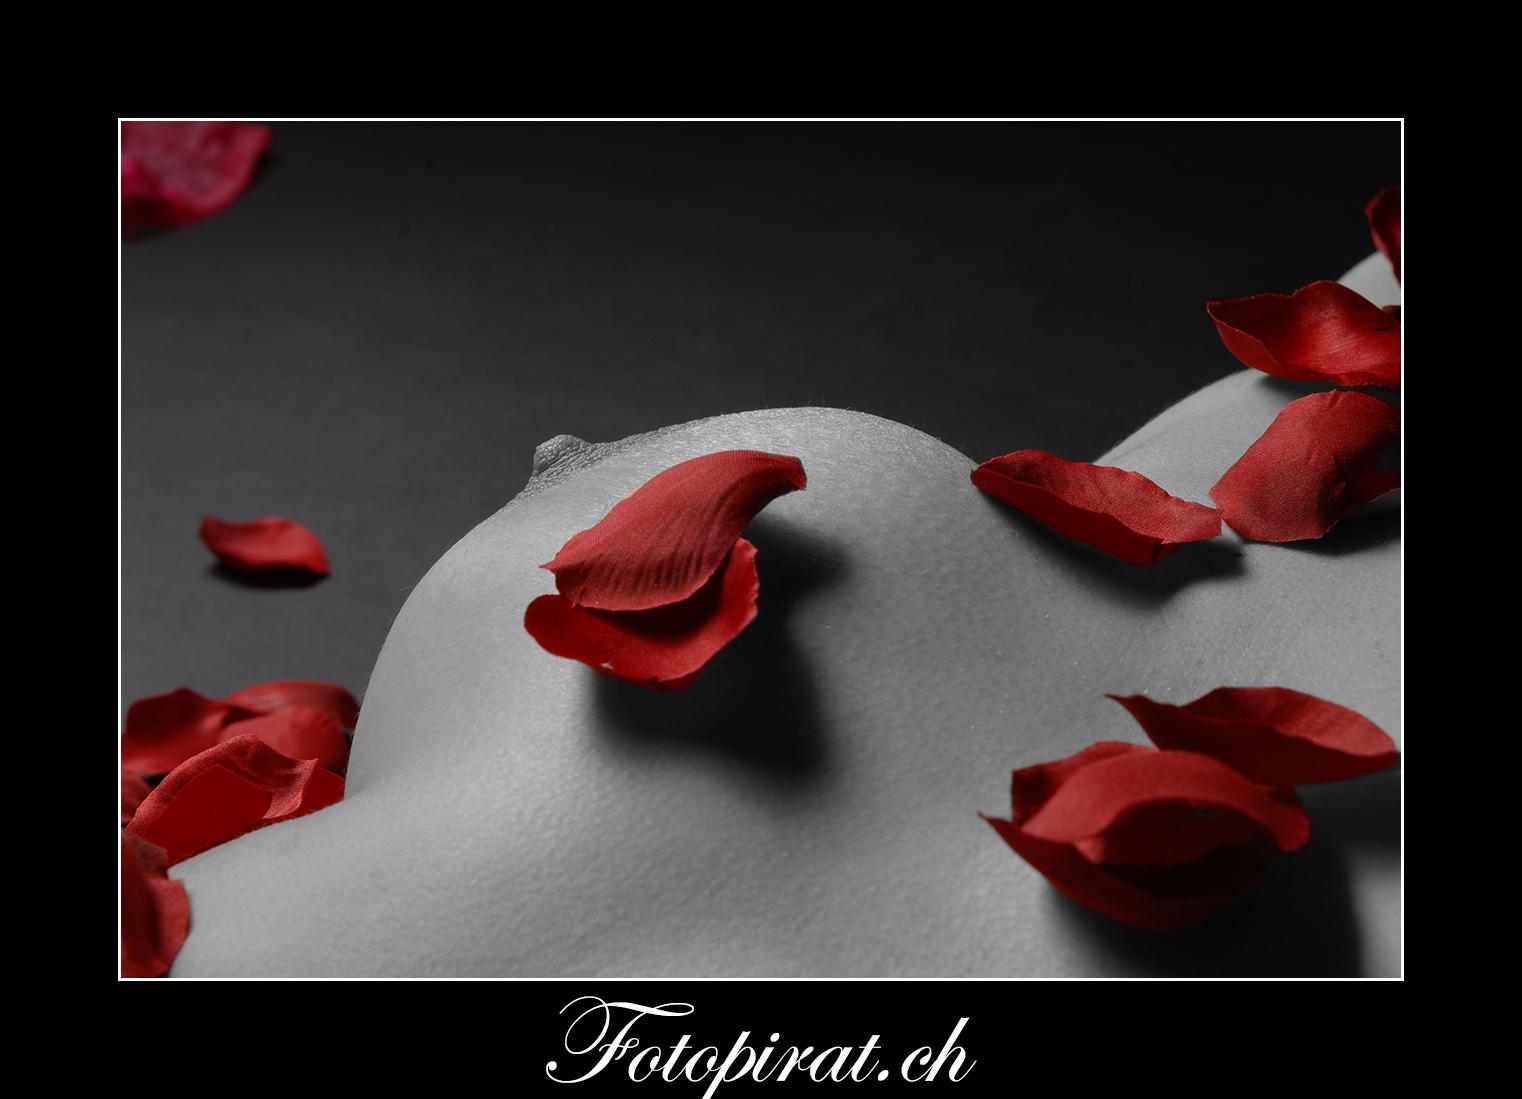 Fotoshooting, Fotostudio, Akt, Nackt, Nudeart, Nude, Modelagentur, Fotomodel, erotik, grosse Brüste, Bodypart, Rosenblätter